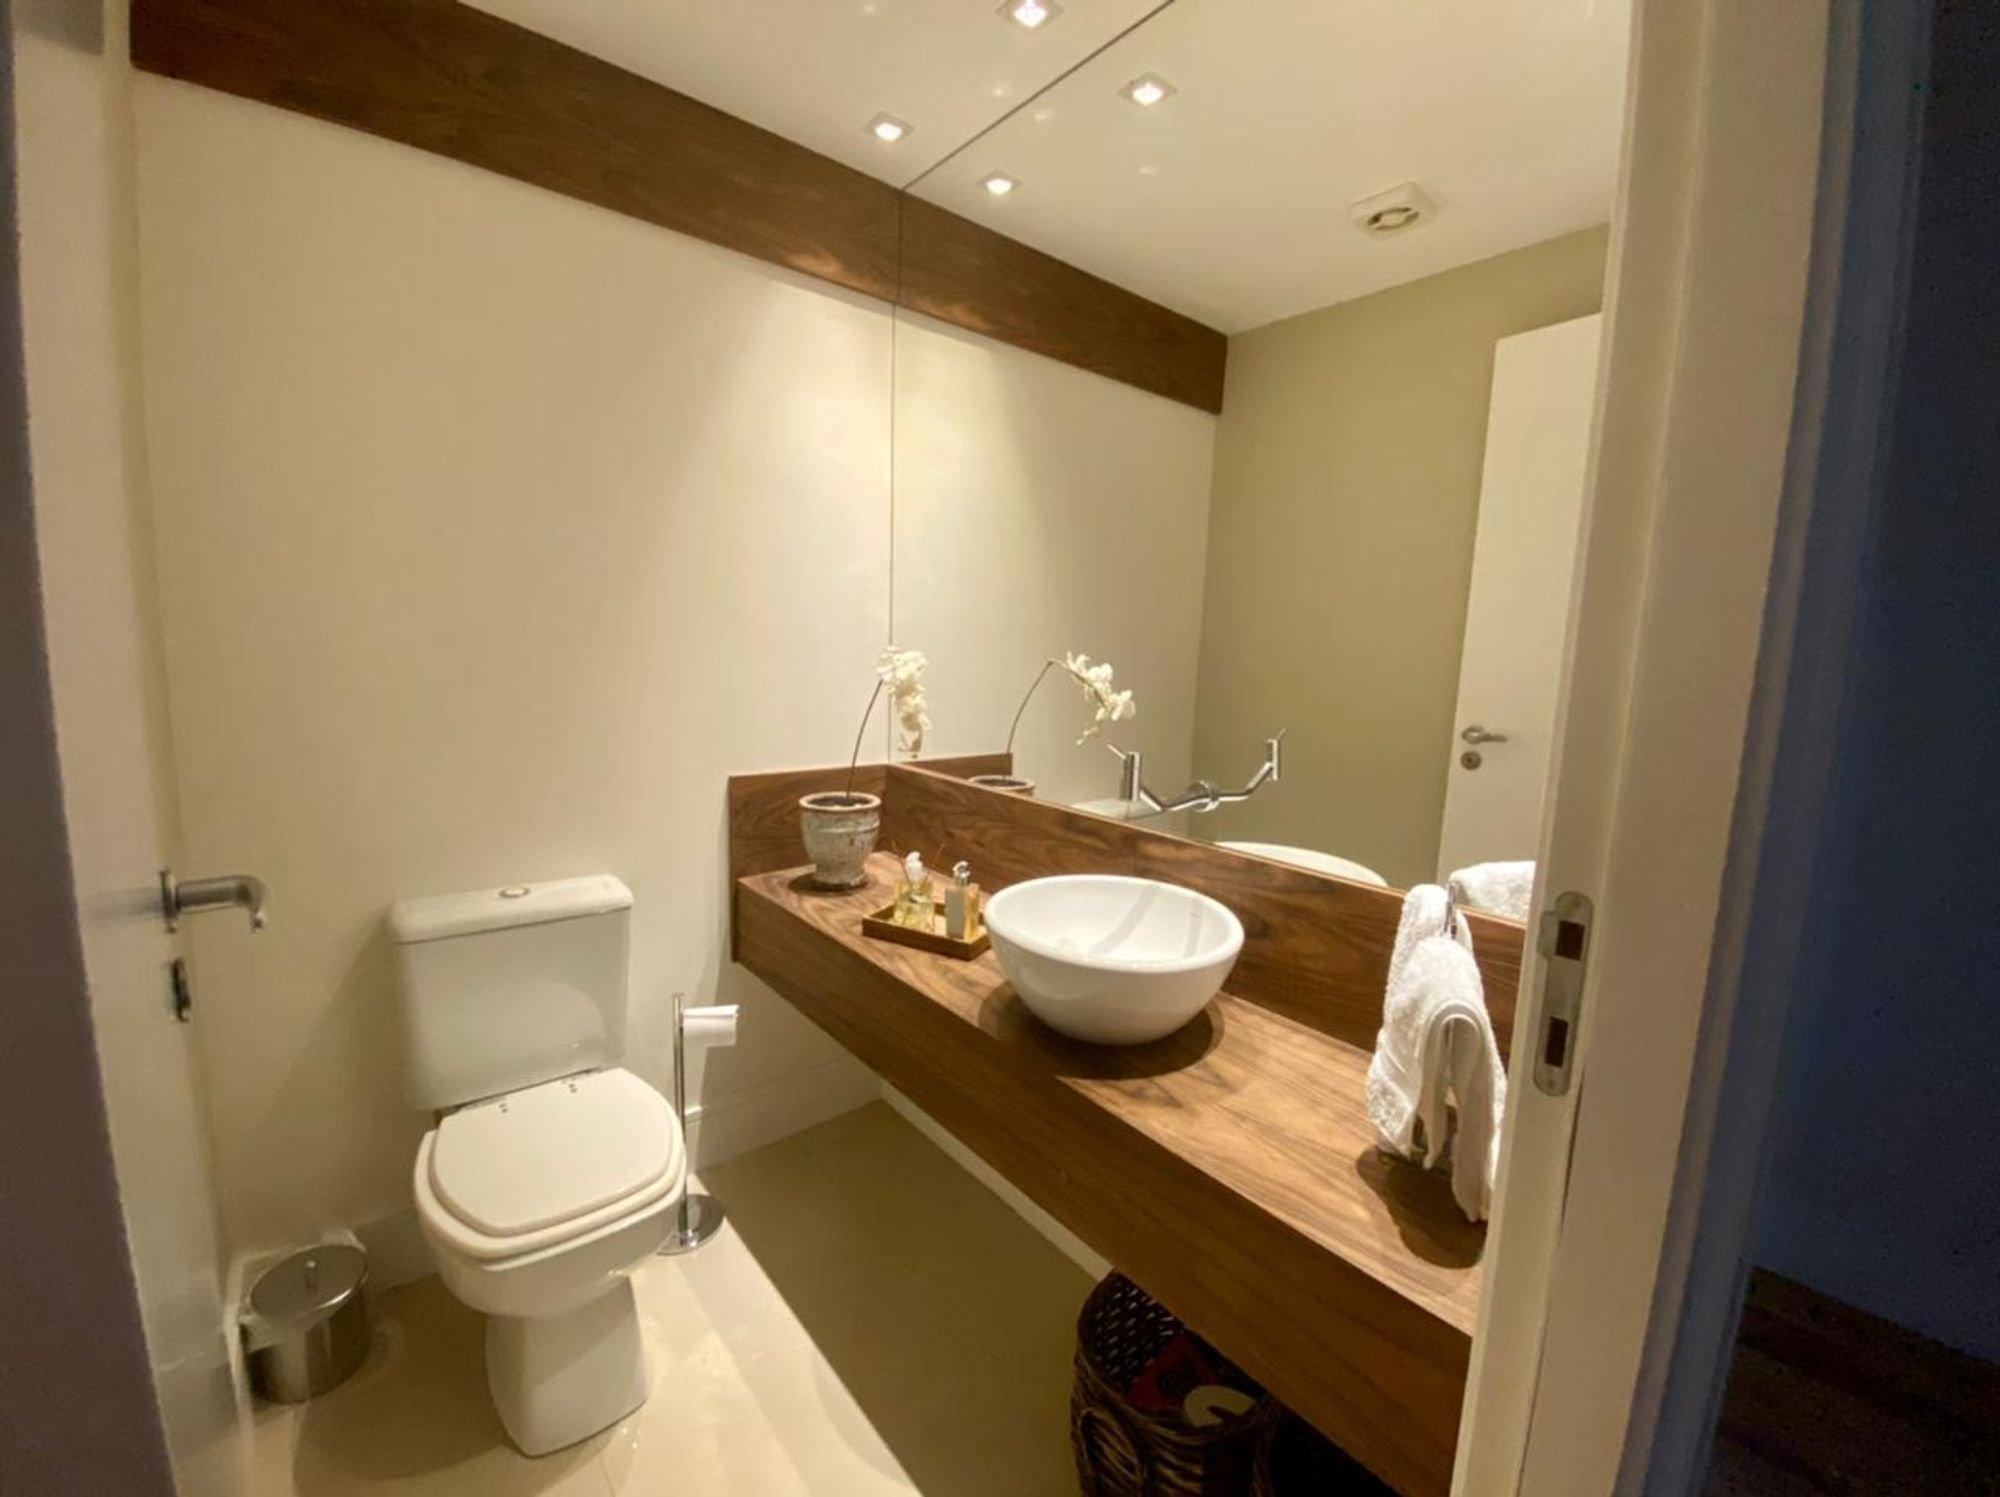 Foto de Banheiro com vaso sanitário, pia, xícara